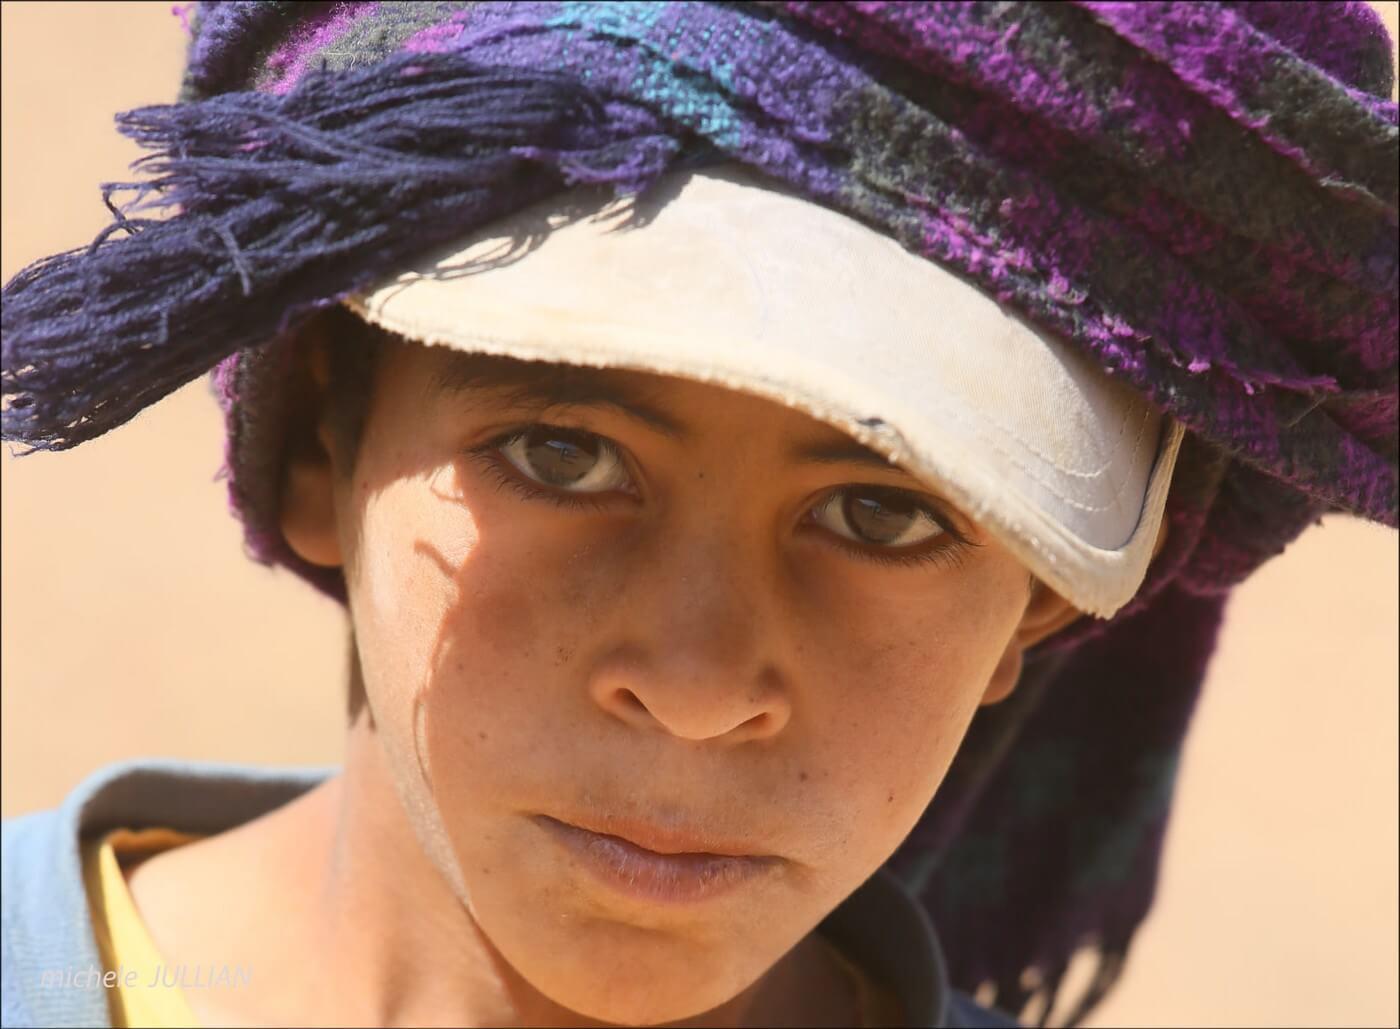 un regard si grave d'un enfant nomade au maroc